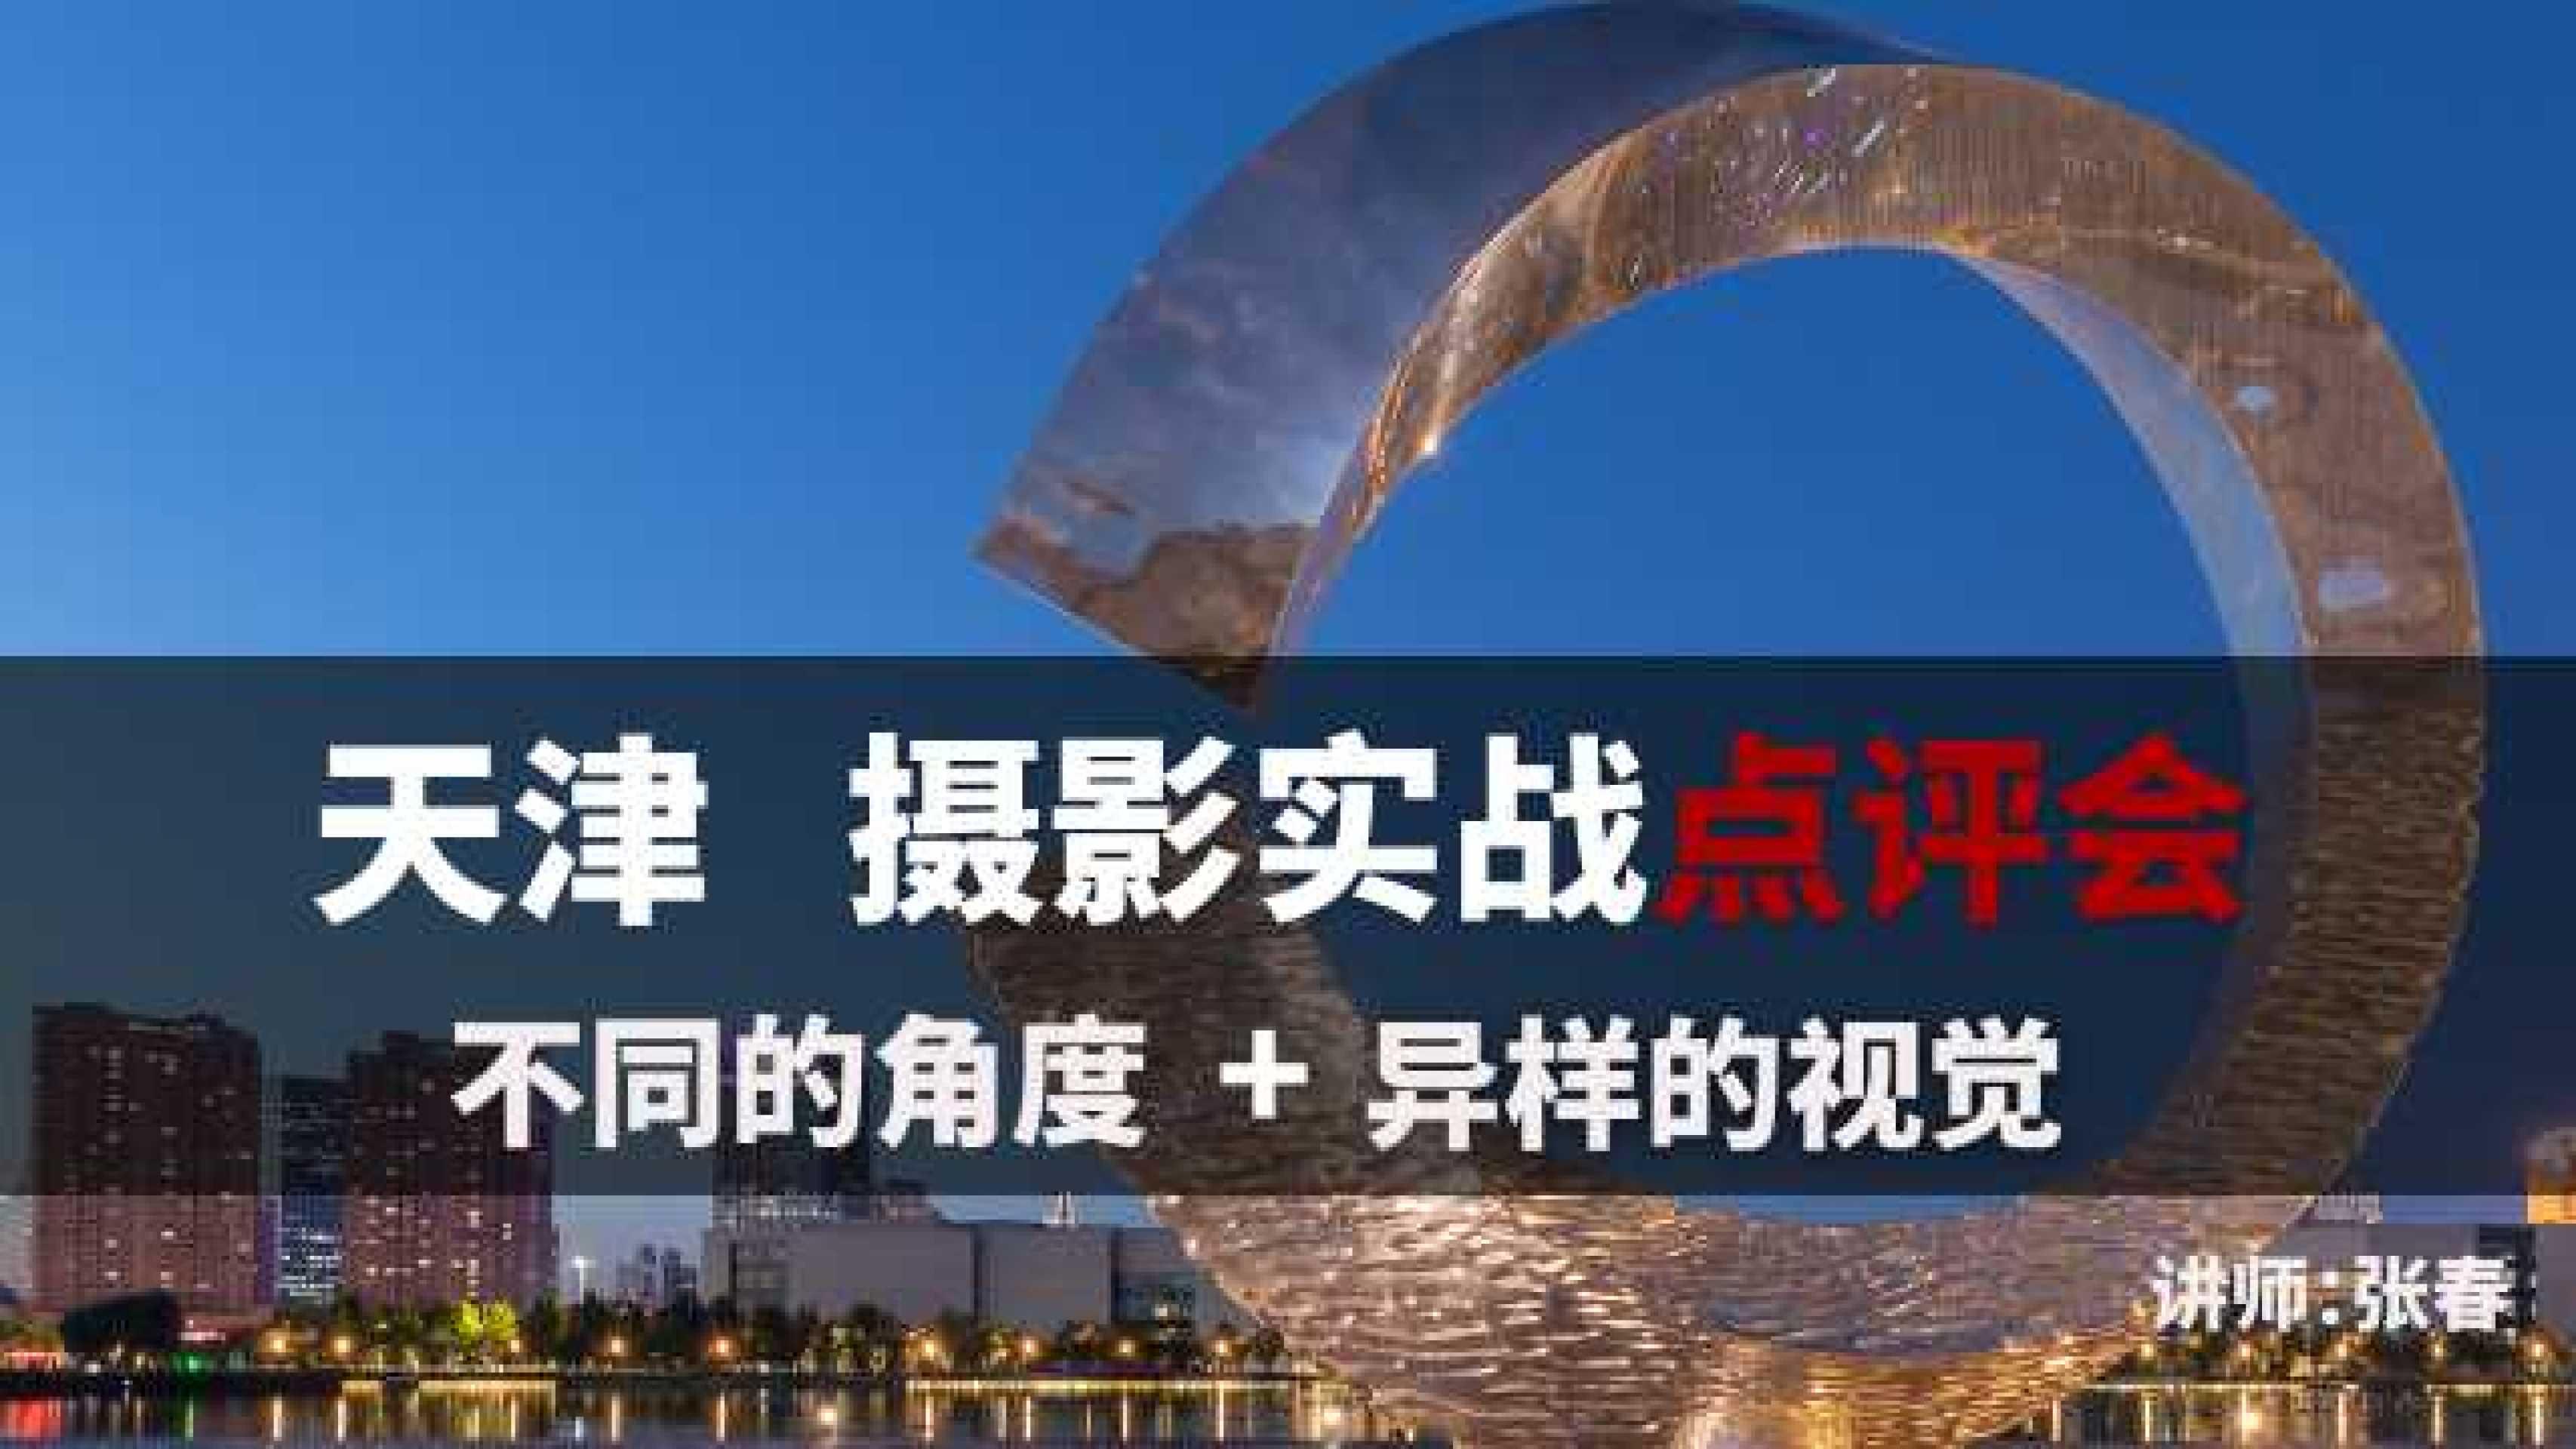 天津-摄影实战点评会:不同的视角+异样的视觉